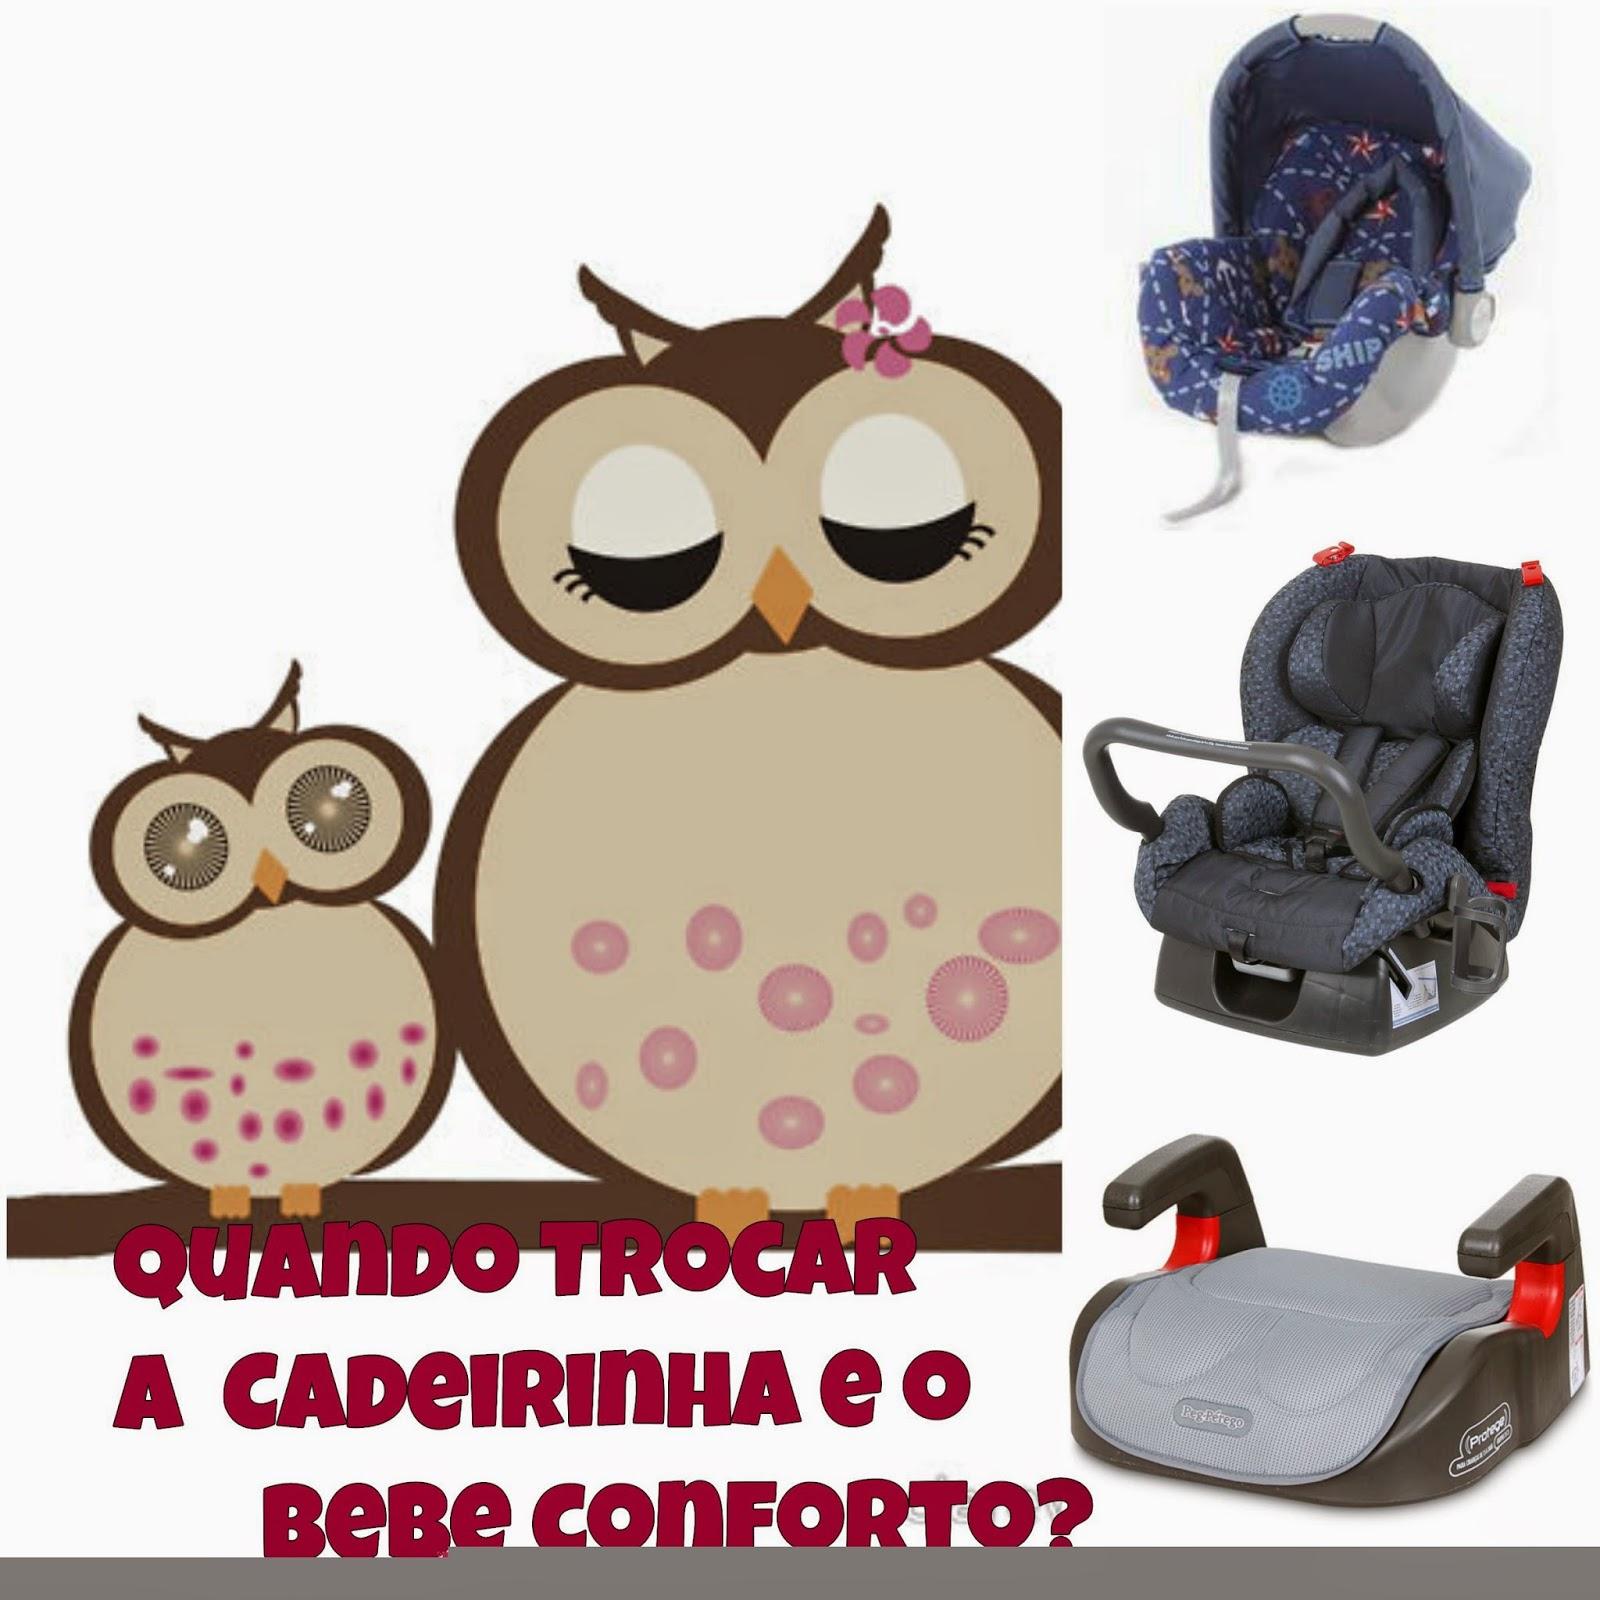 Quando Trocar a Cadeirinha  e o bebê conforto dos bebês?